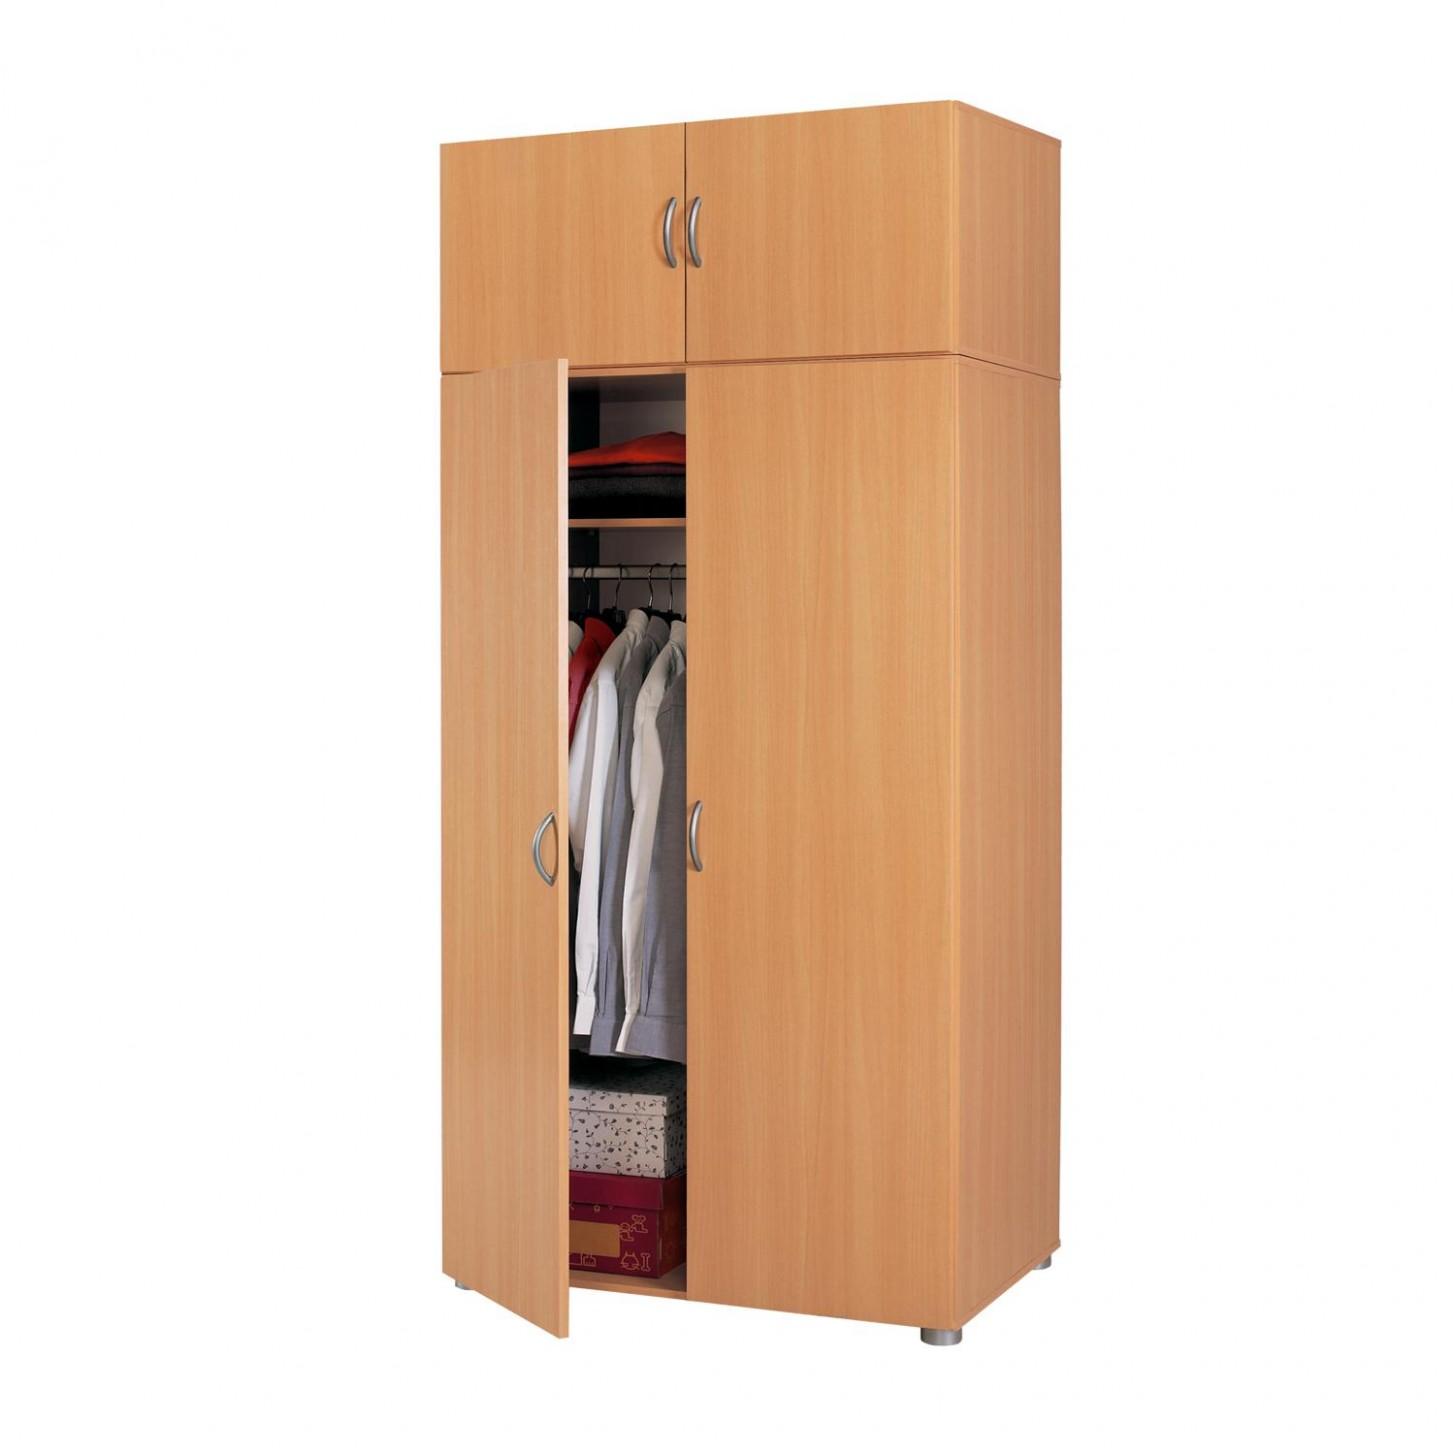 Šatní skříň s nástavcem IDEA 25A buk, šatní skříň 25 buk